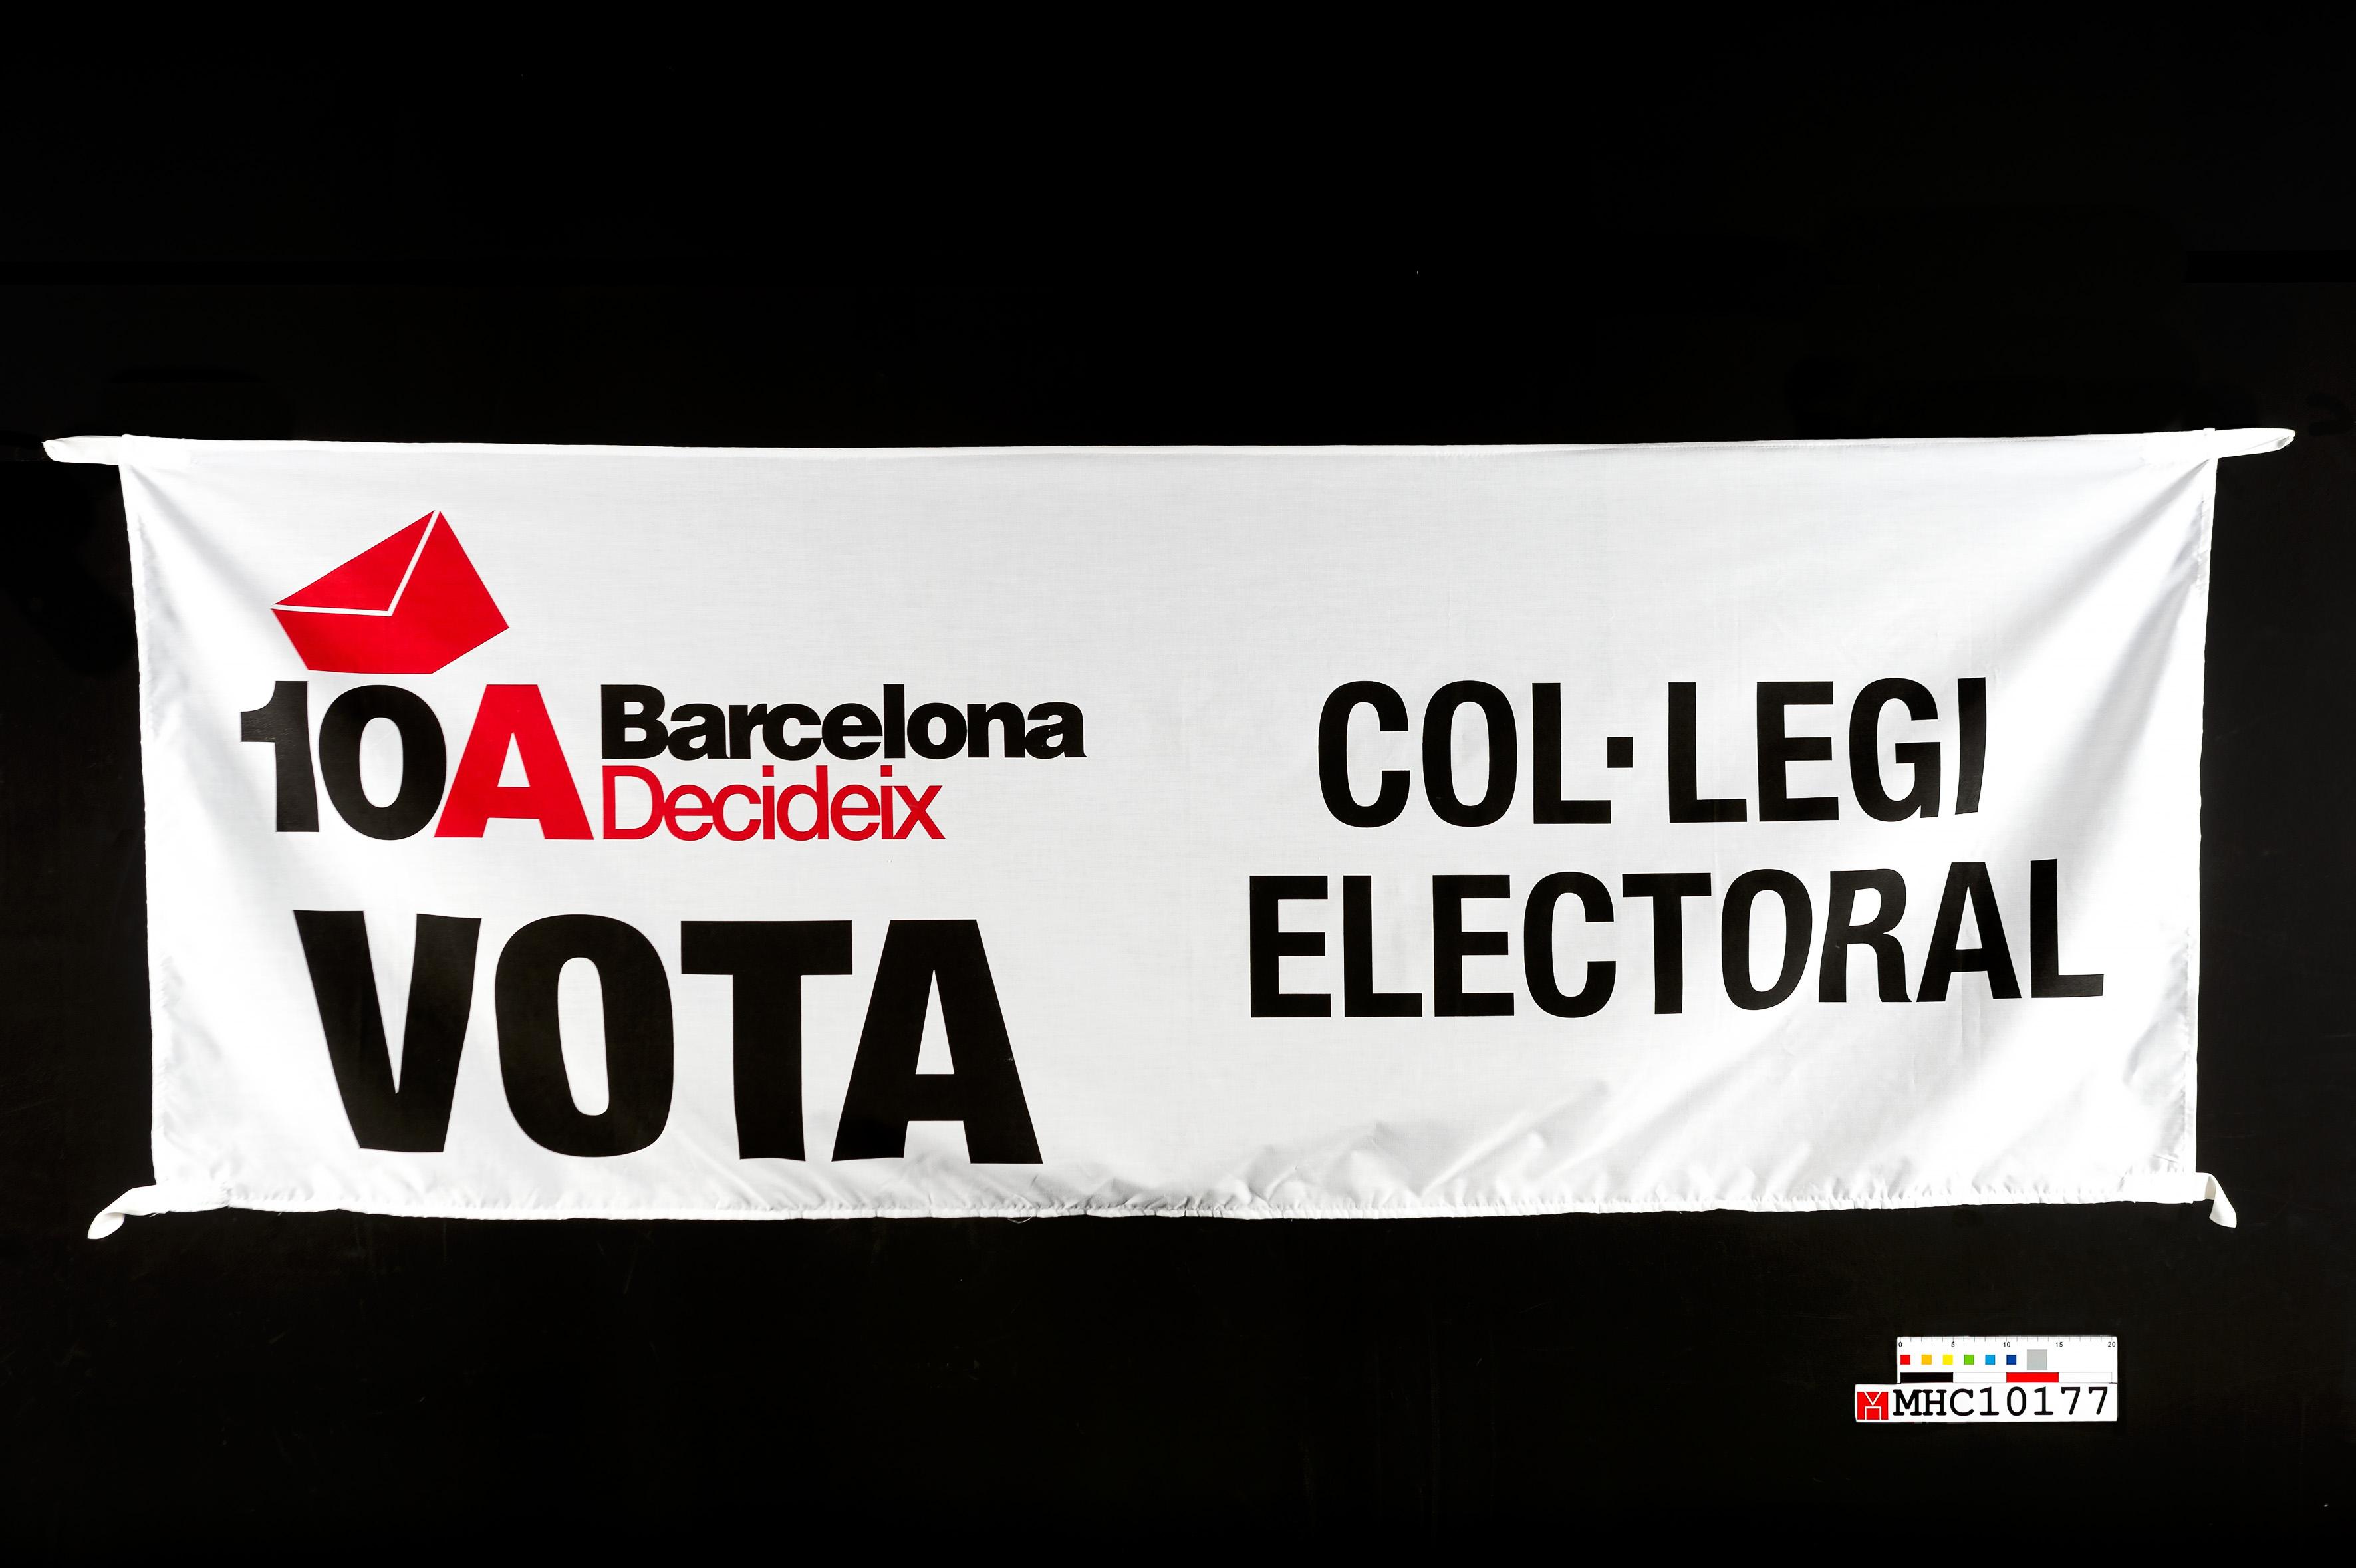 """Domàs amb el lema """"10A Barcelona Decideix. Vota. Col·legi electoral"""""""